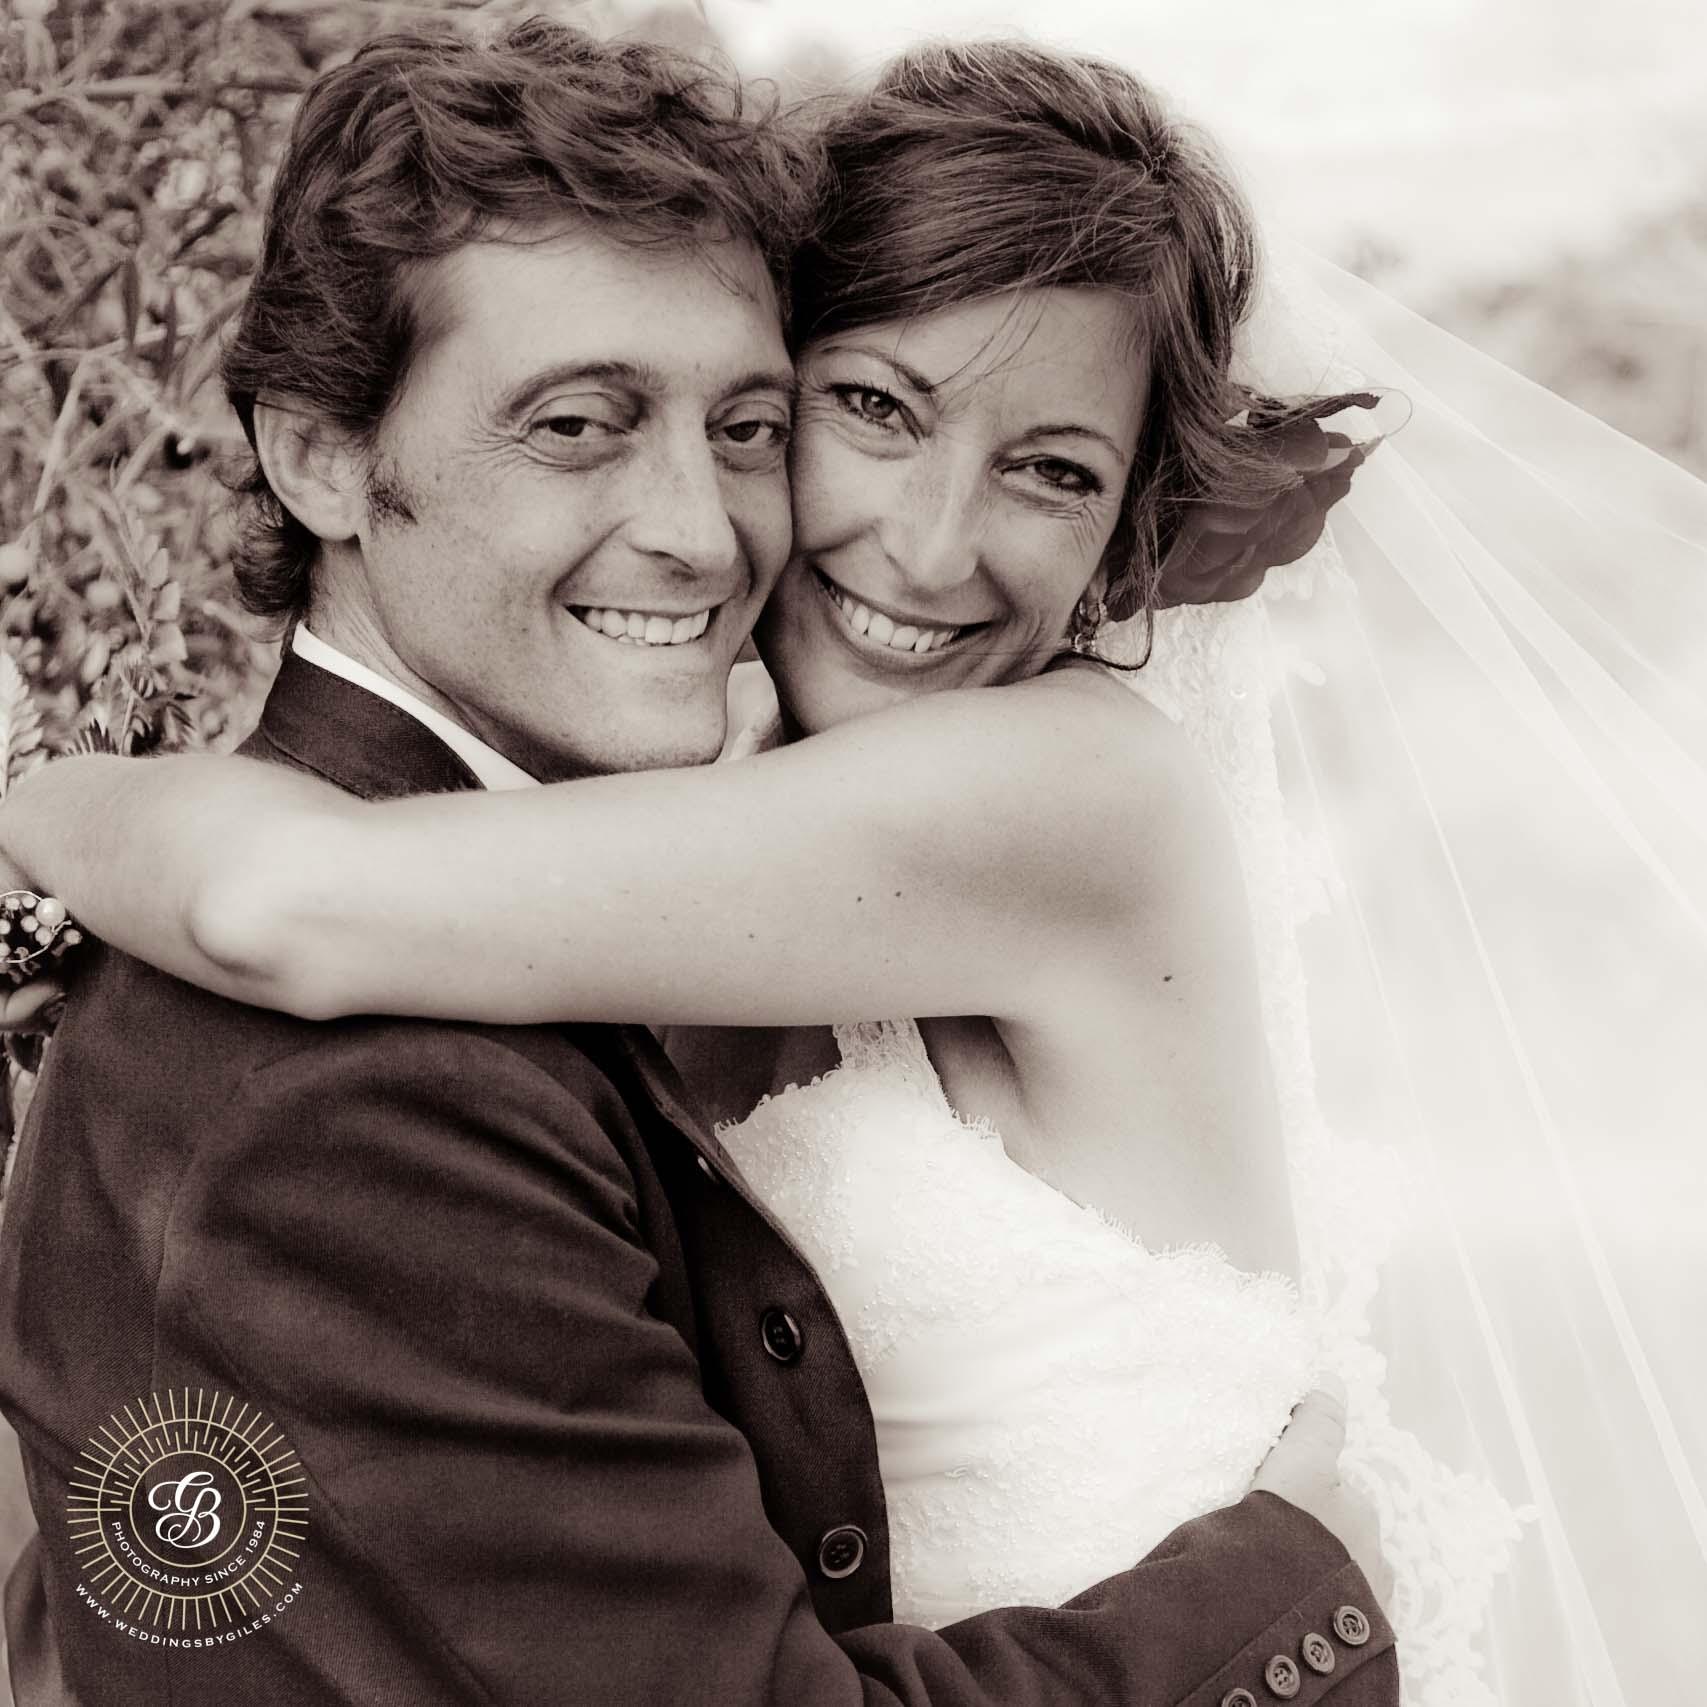 bride & groom in black & white